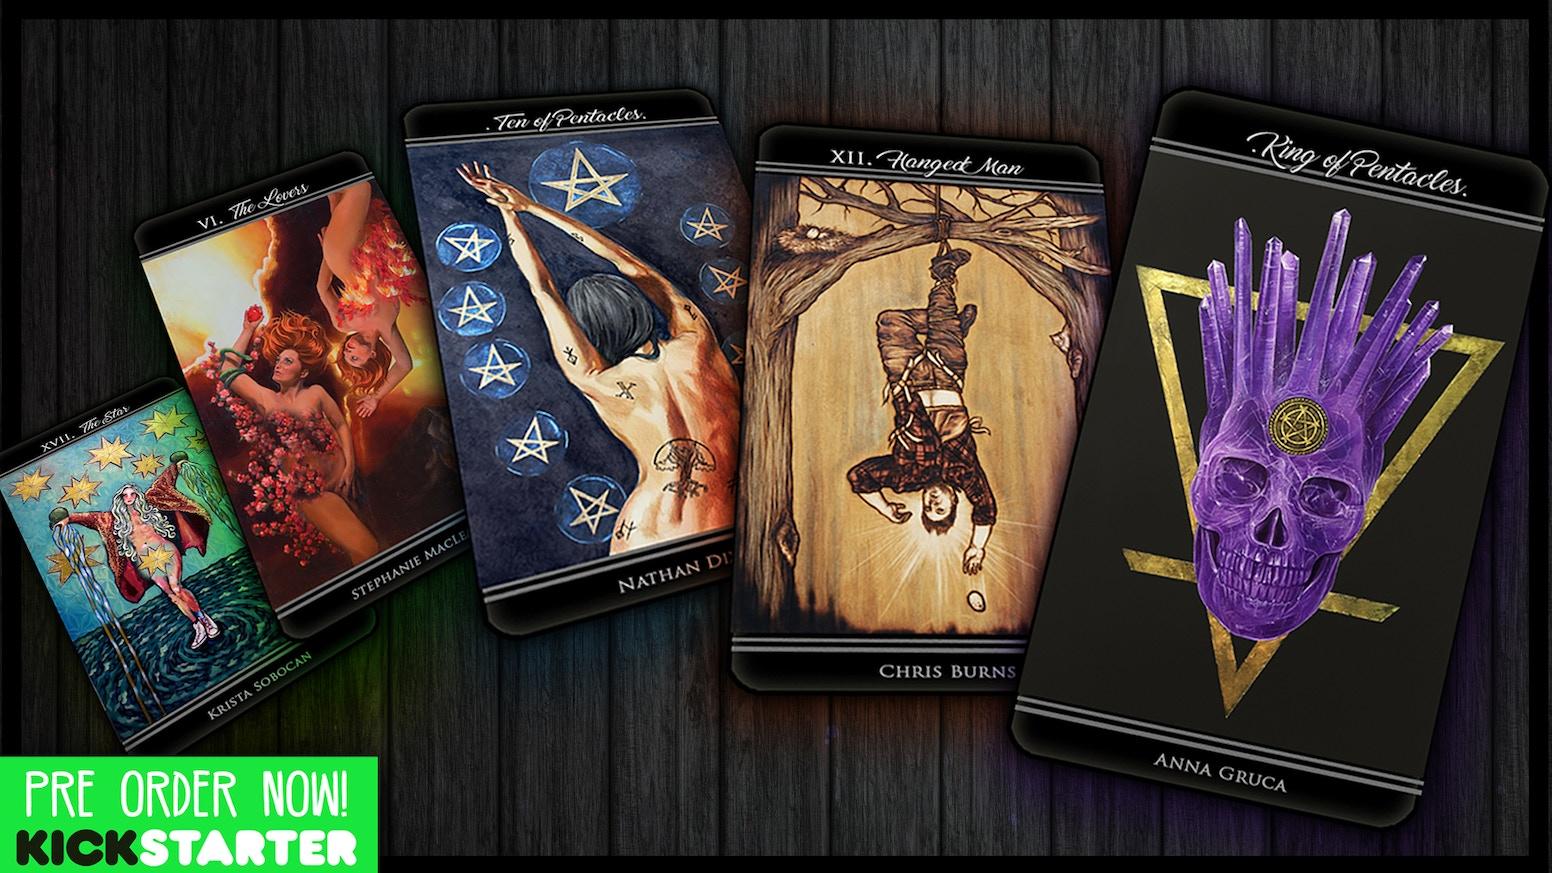 An inspirational 80-card/80-artist tarot deck - created for all 'Thriving Artists' & tarot lovers!